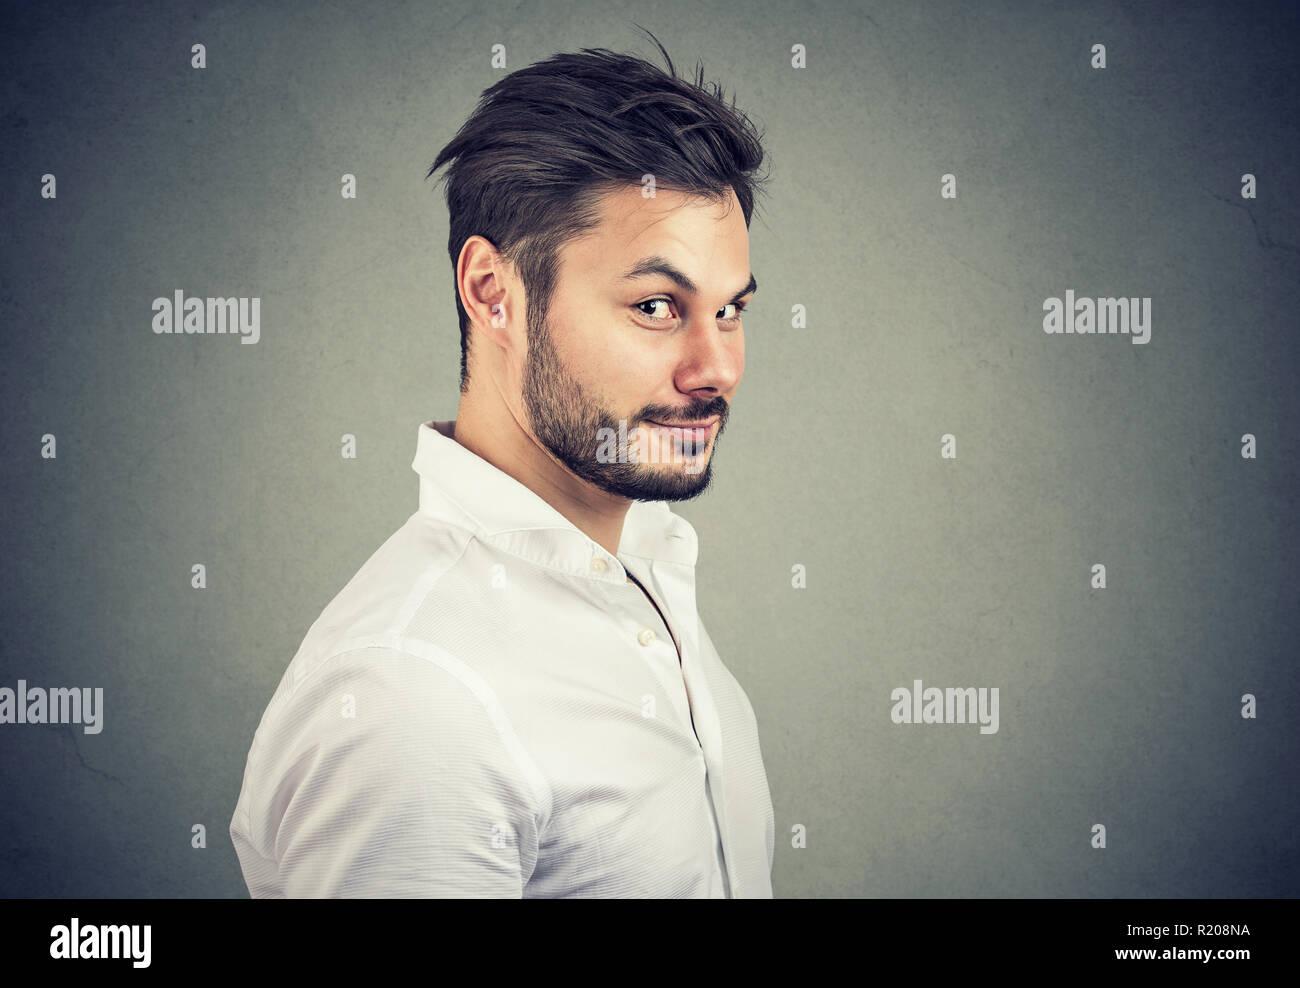 Joven hombre deshonesto en camisa blanca mirando con fingir sonreír a cámara sobre fondo gris Imagen De Stock